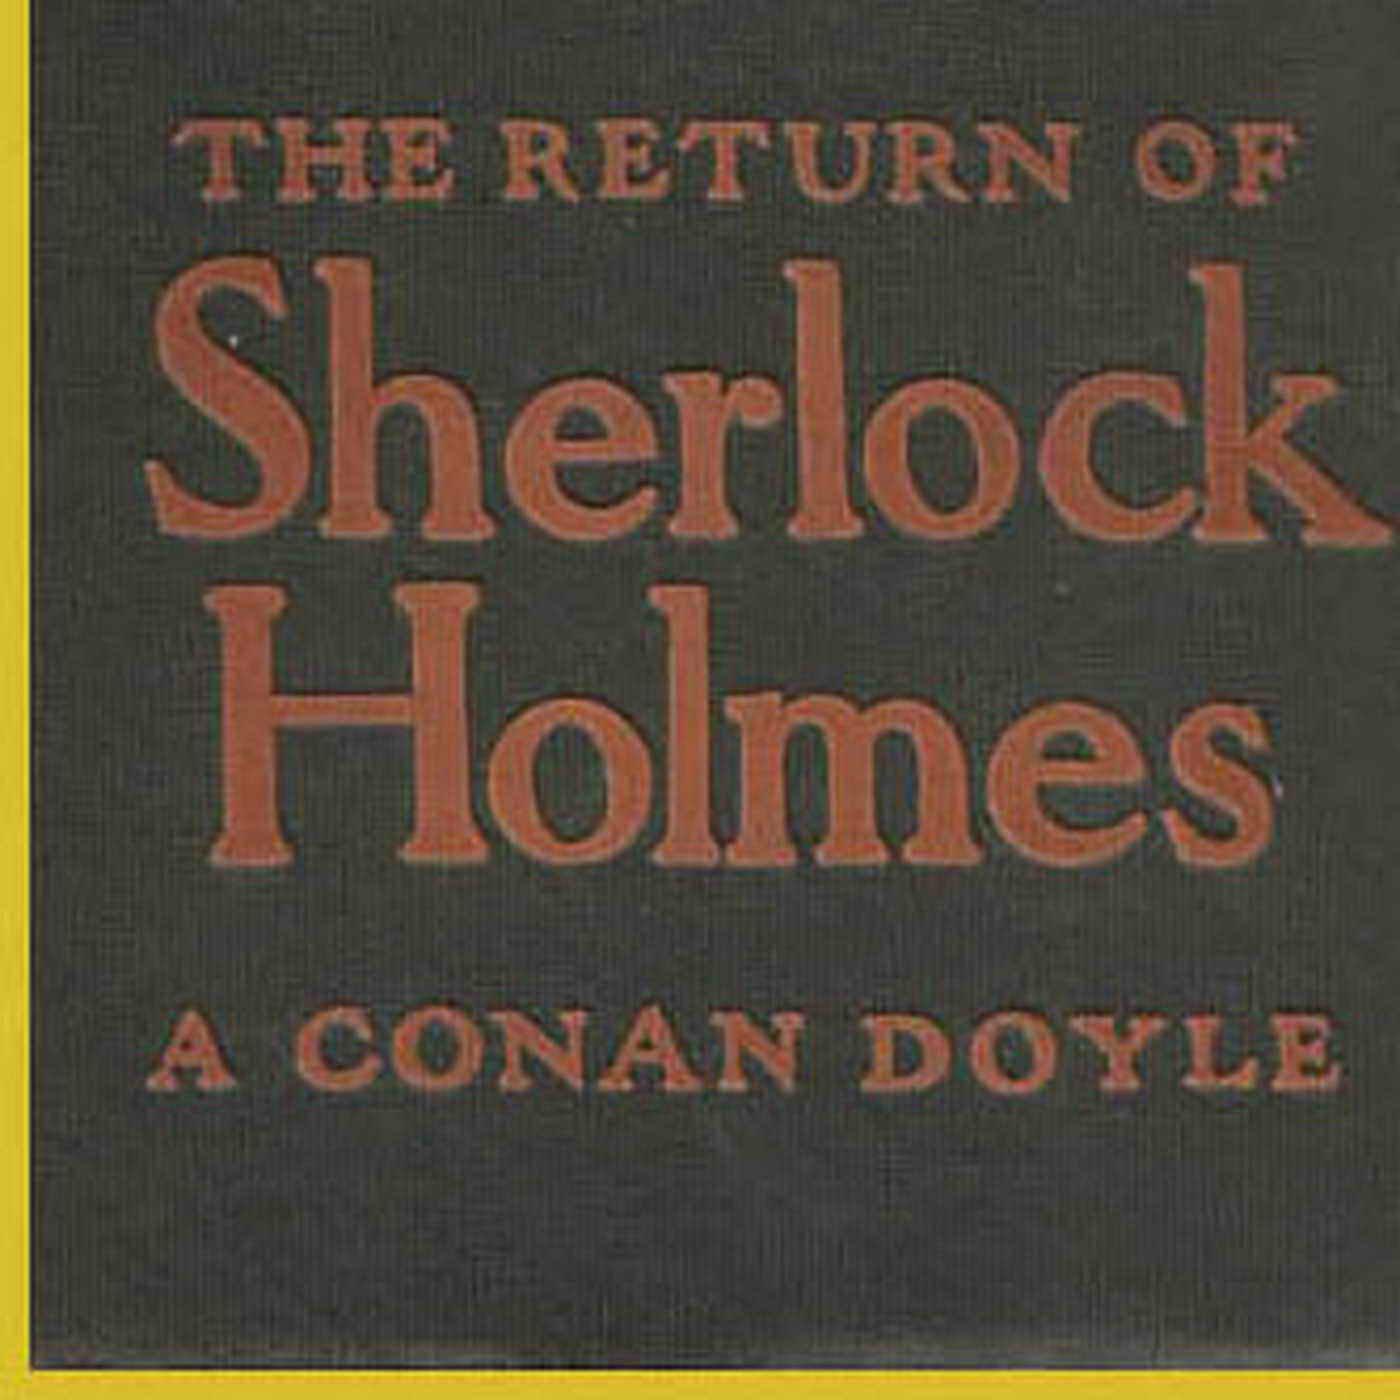 <![CDATA[The Return of Sherlock Holmes by Sir Arthur Conan Doyle]]>